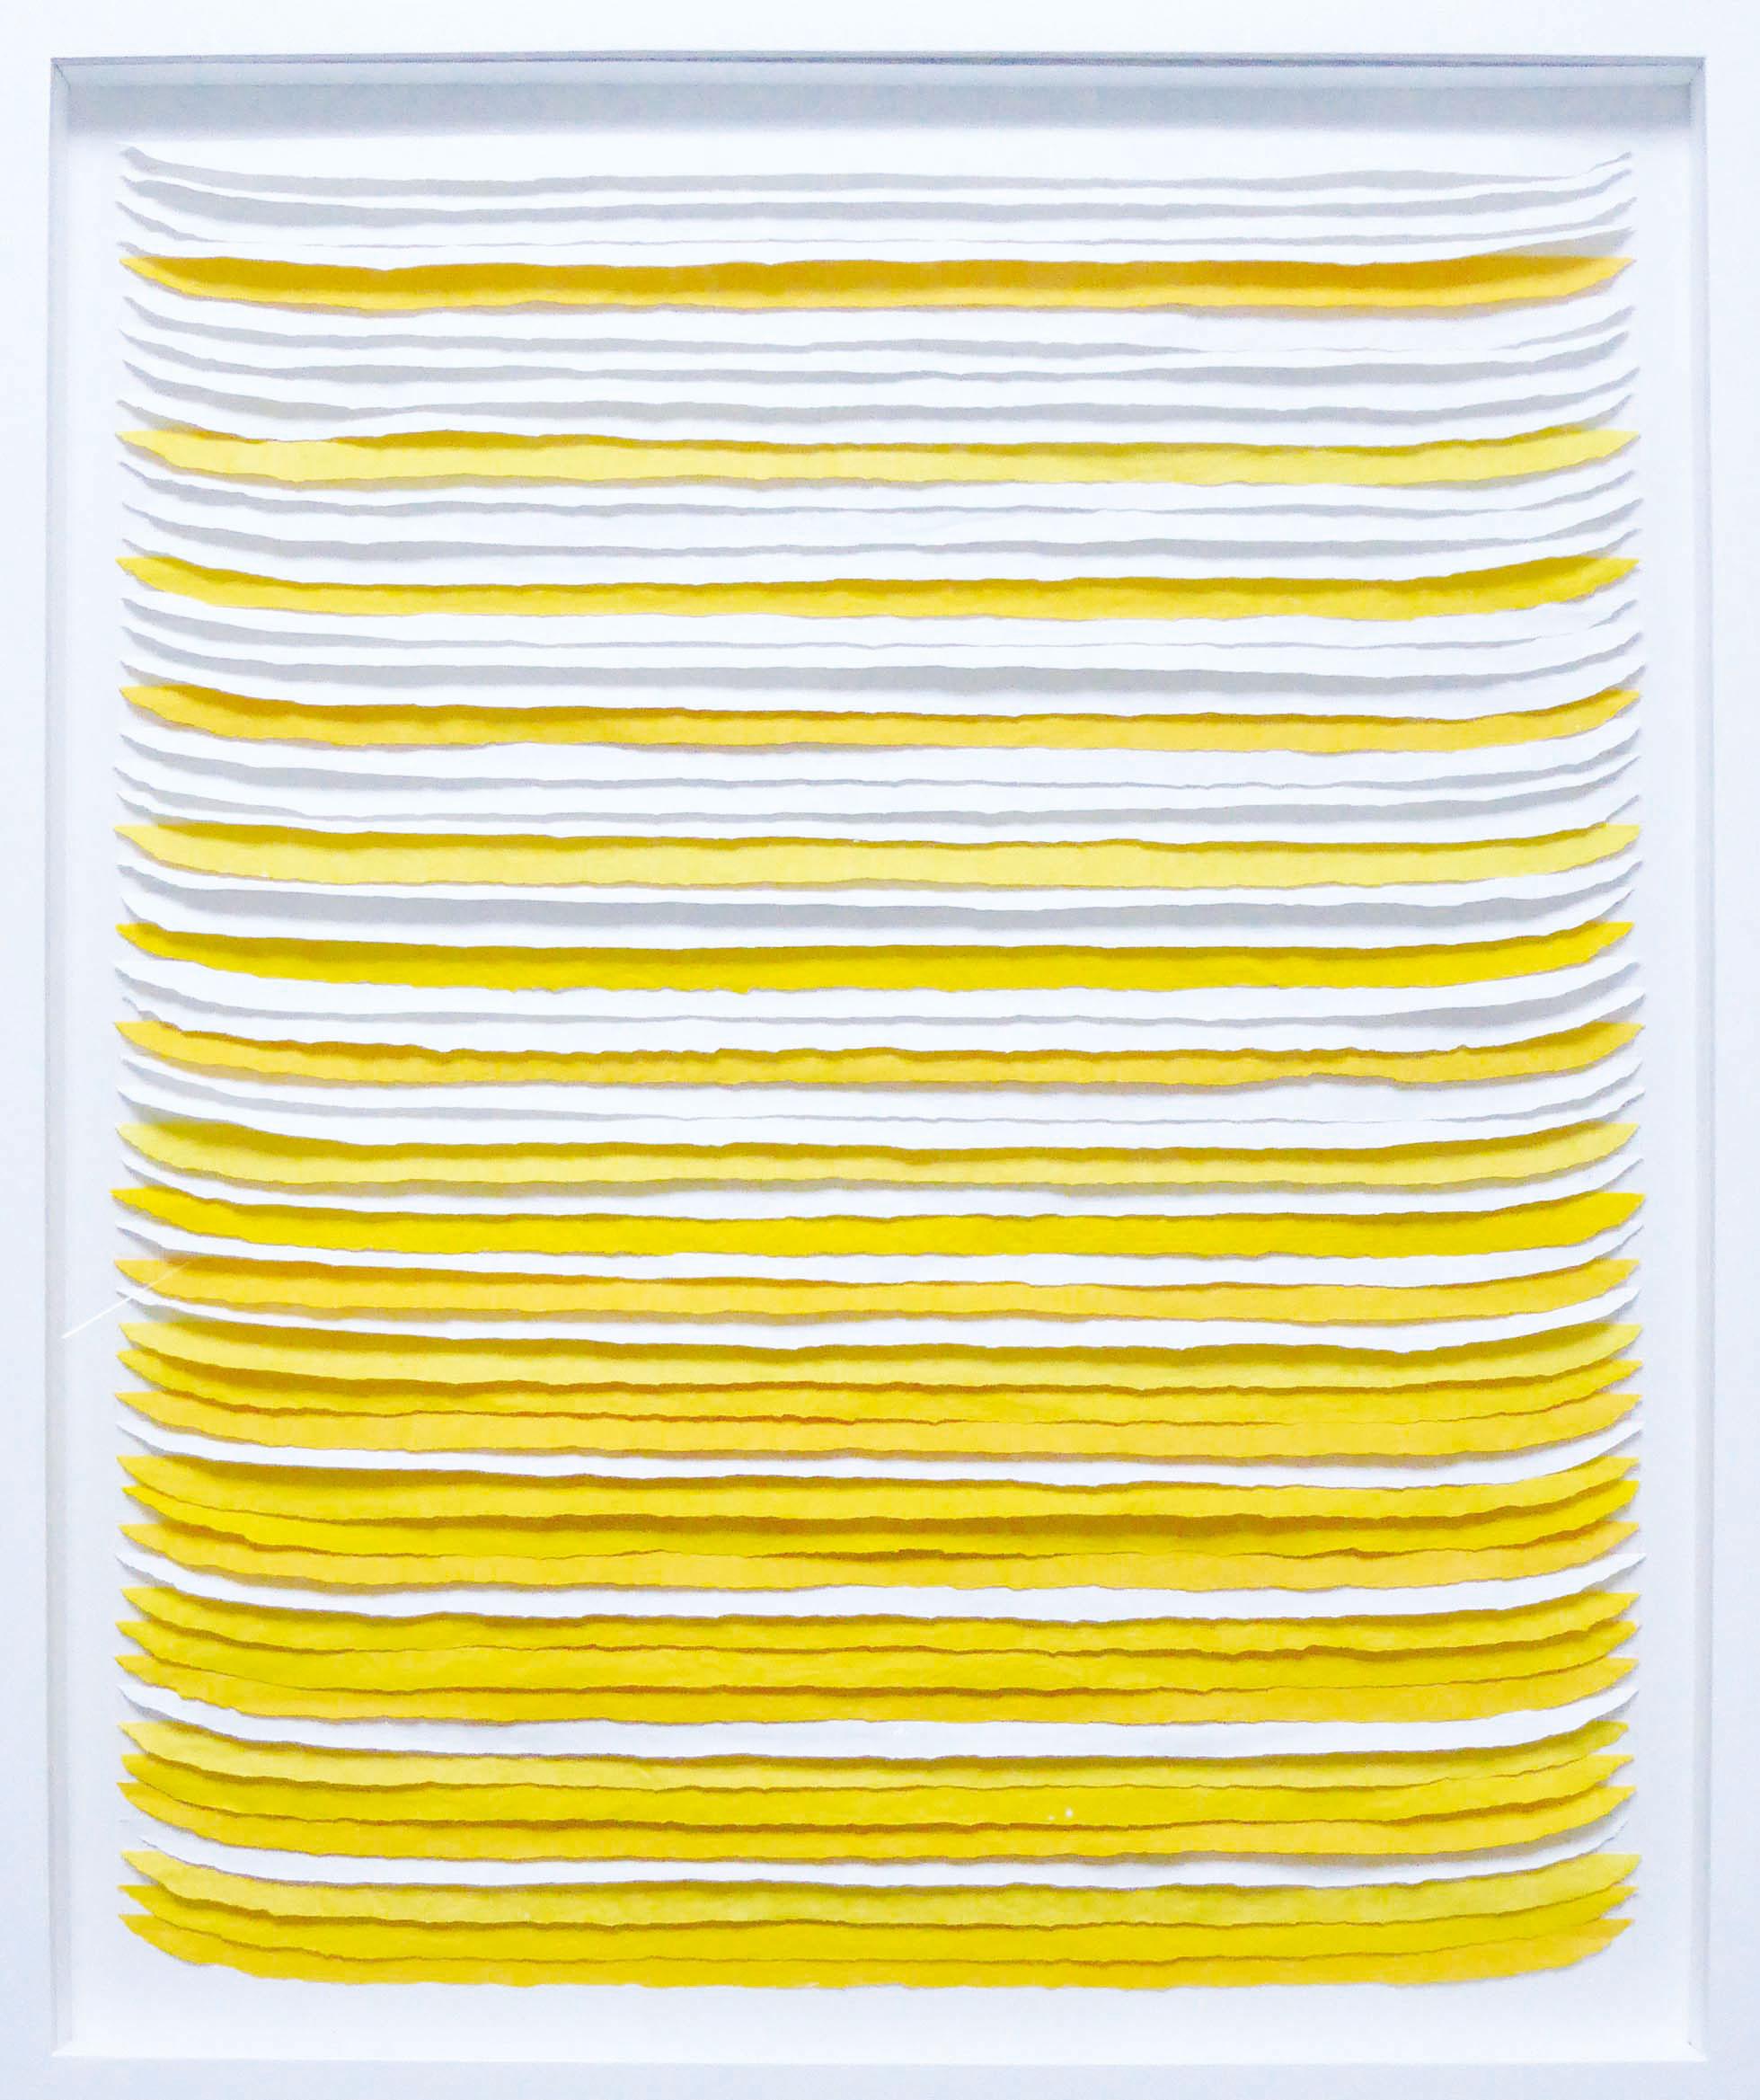 Frieda Martha Papierarbeit, Lichtgelber Tag, 2016